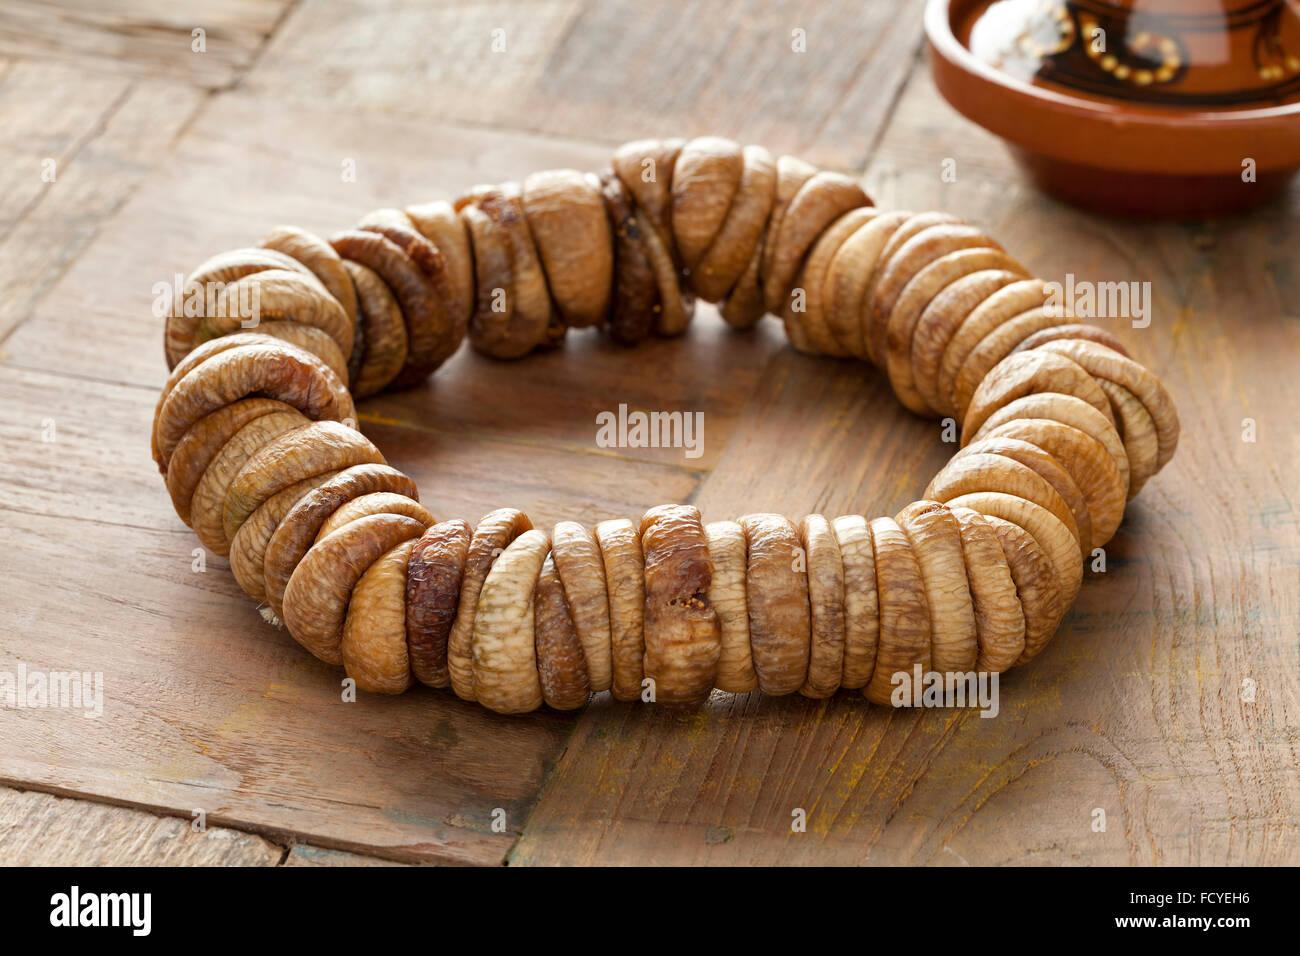 Los higos secos tradicional marroquí sobre una cuerda Imagen De Stock